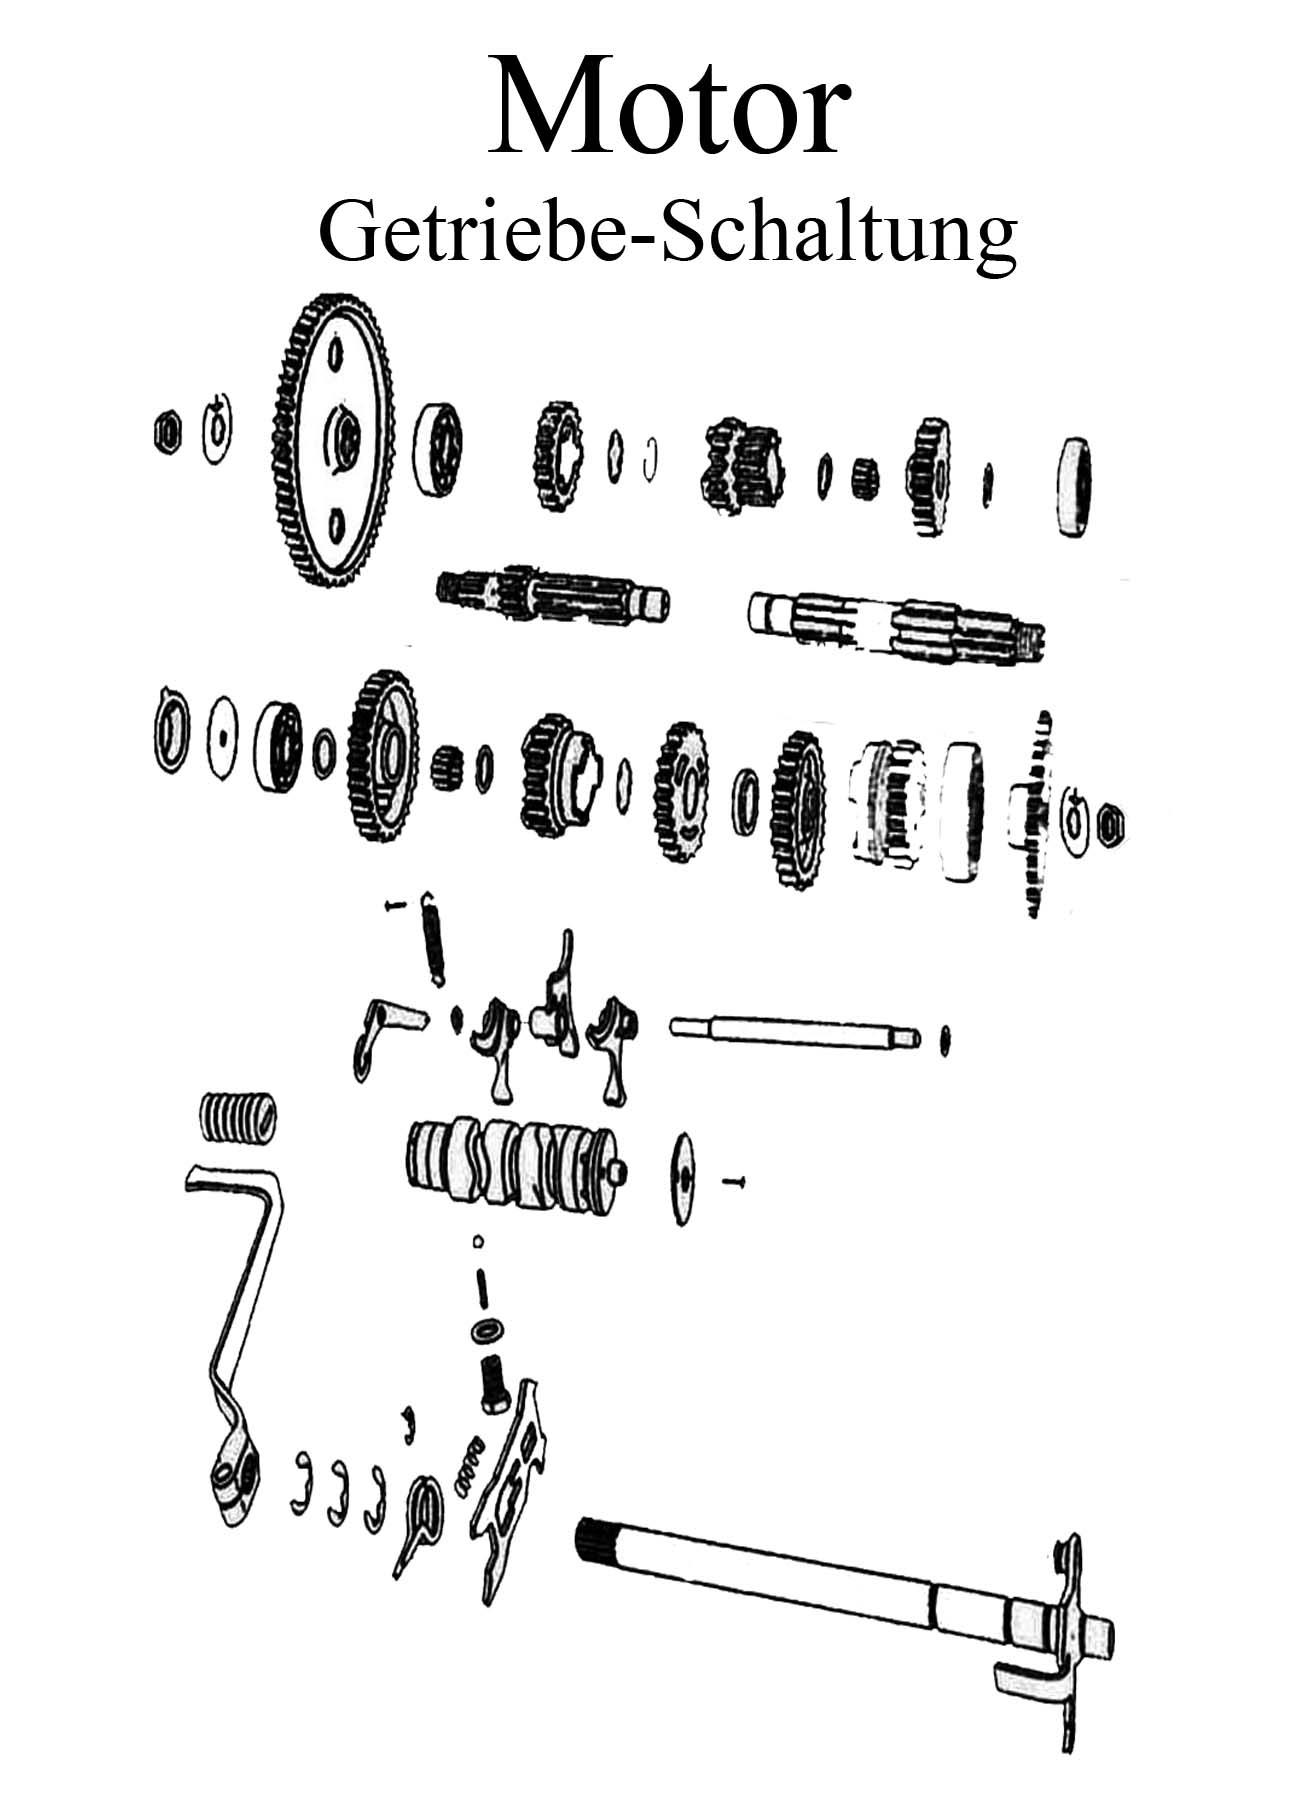 MZ ETZ 251 Ersatzteileliste Motor 5-Gang-Getriebe Fußschaltung Hebel Gummi Welle Zahnrad Schaltrad Gummi